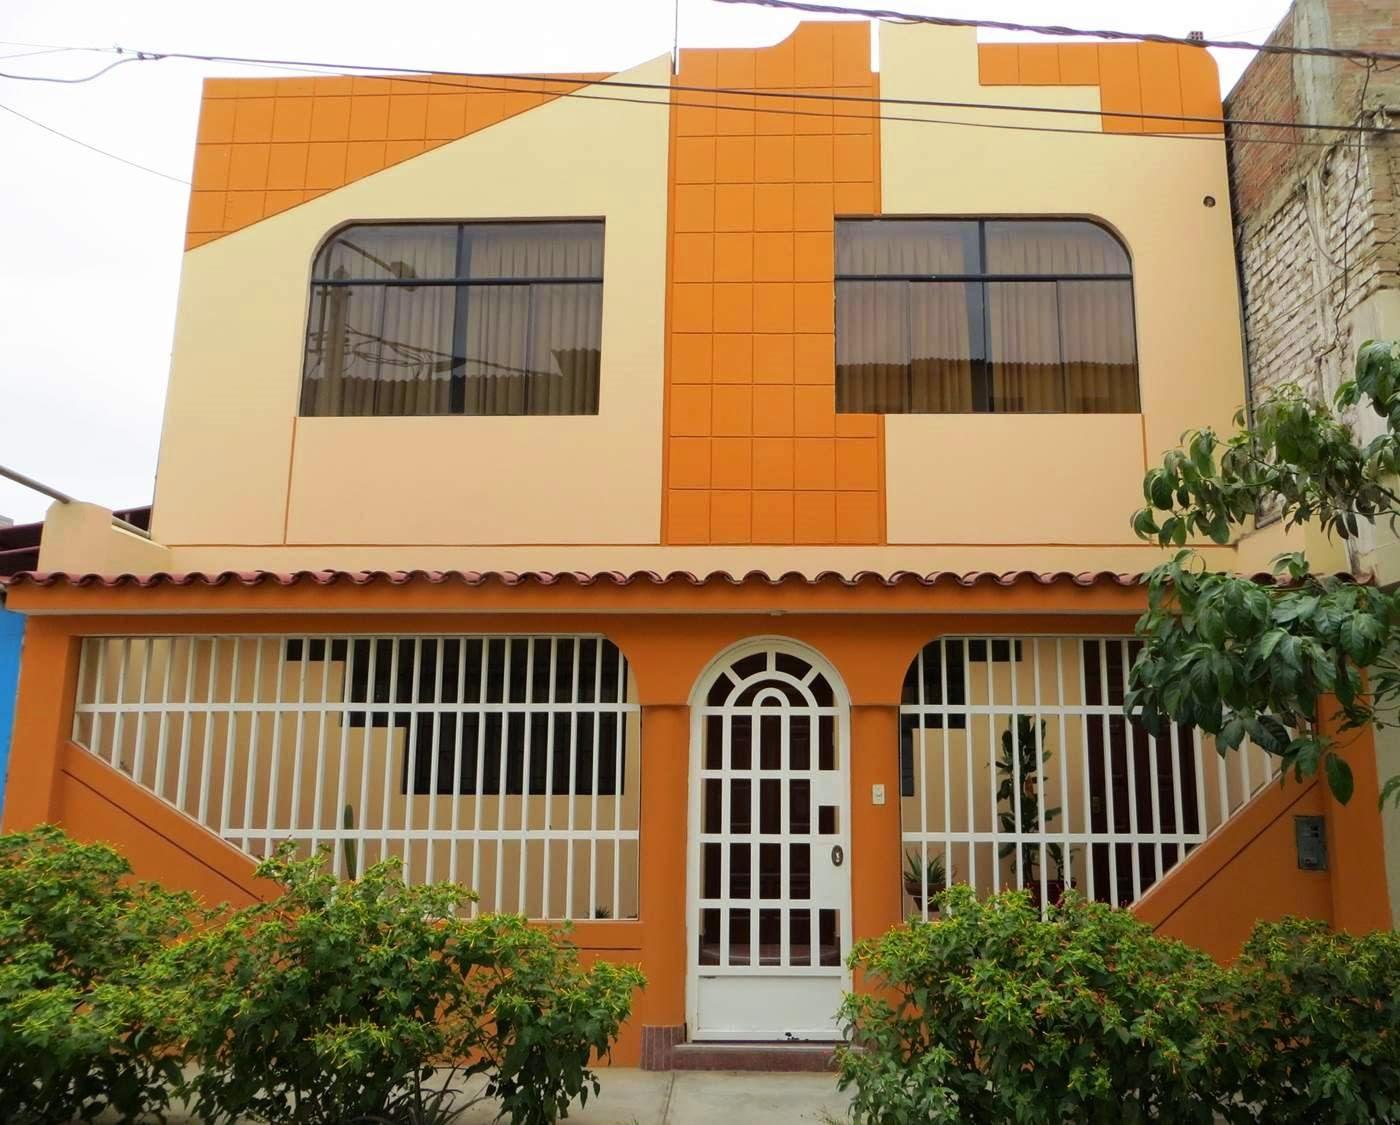 Fachadas y casas noviembre 2014 for Fachadas para casas pequenas de dos pisos